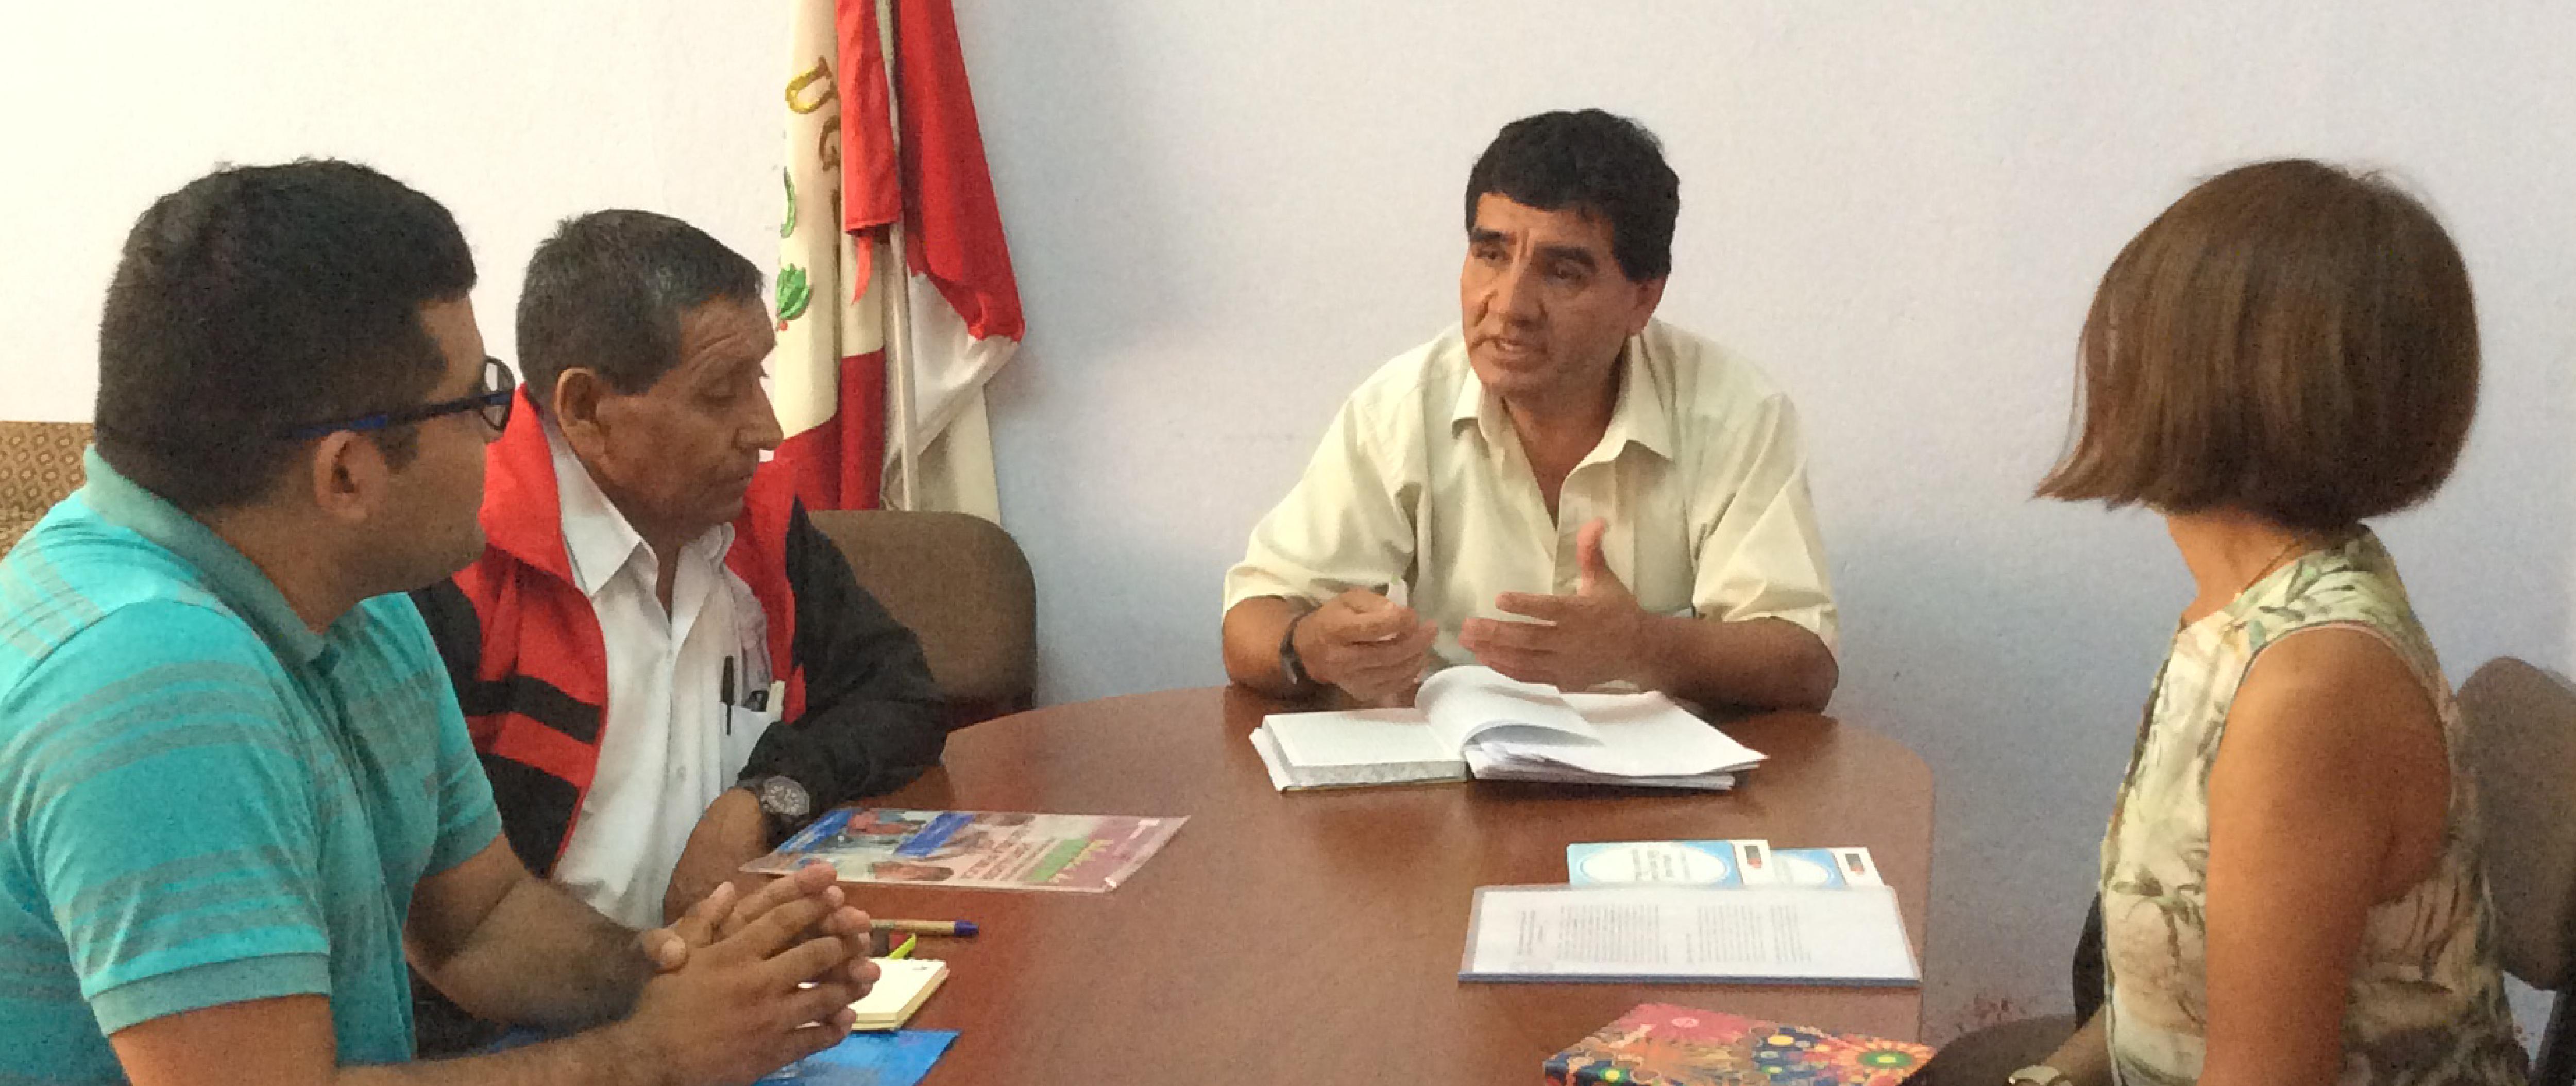 Firma del Convenio Aicasa - Ugel para participación activa con CRFA